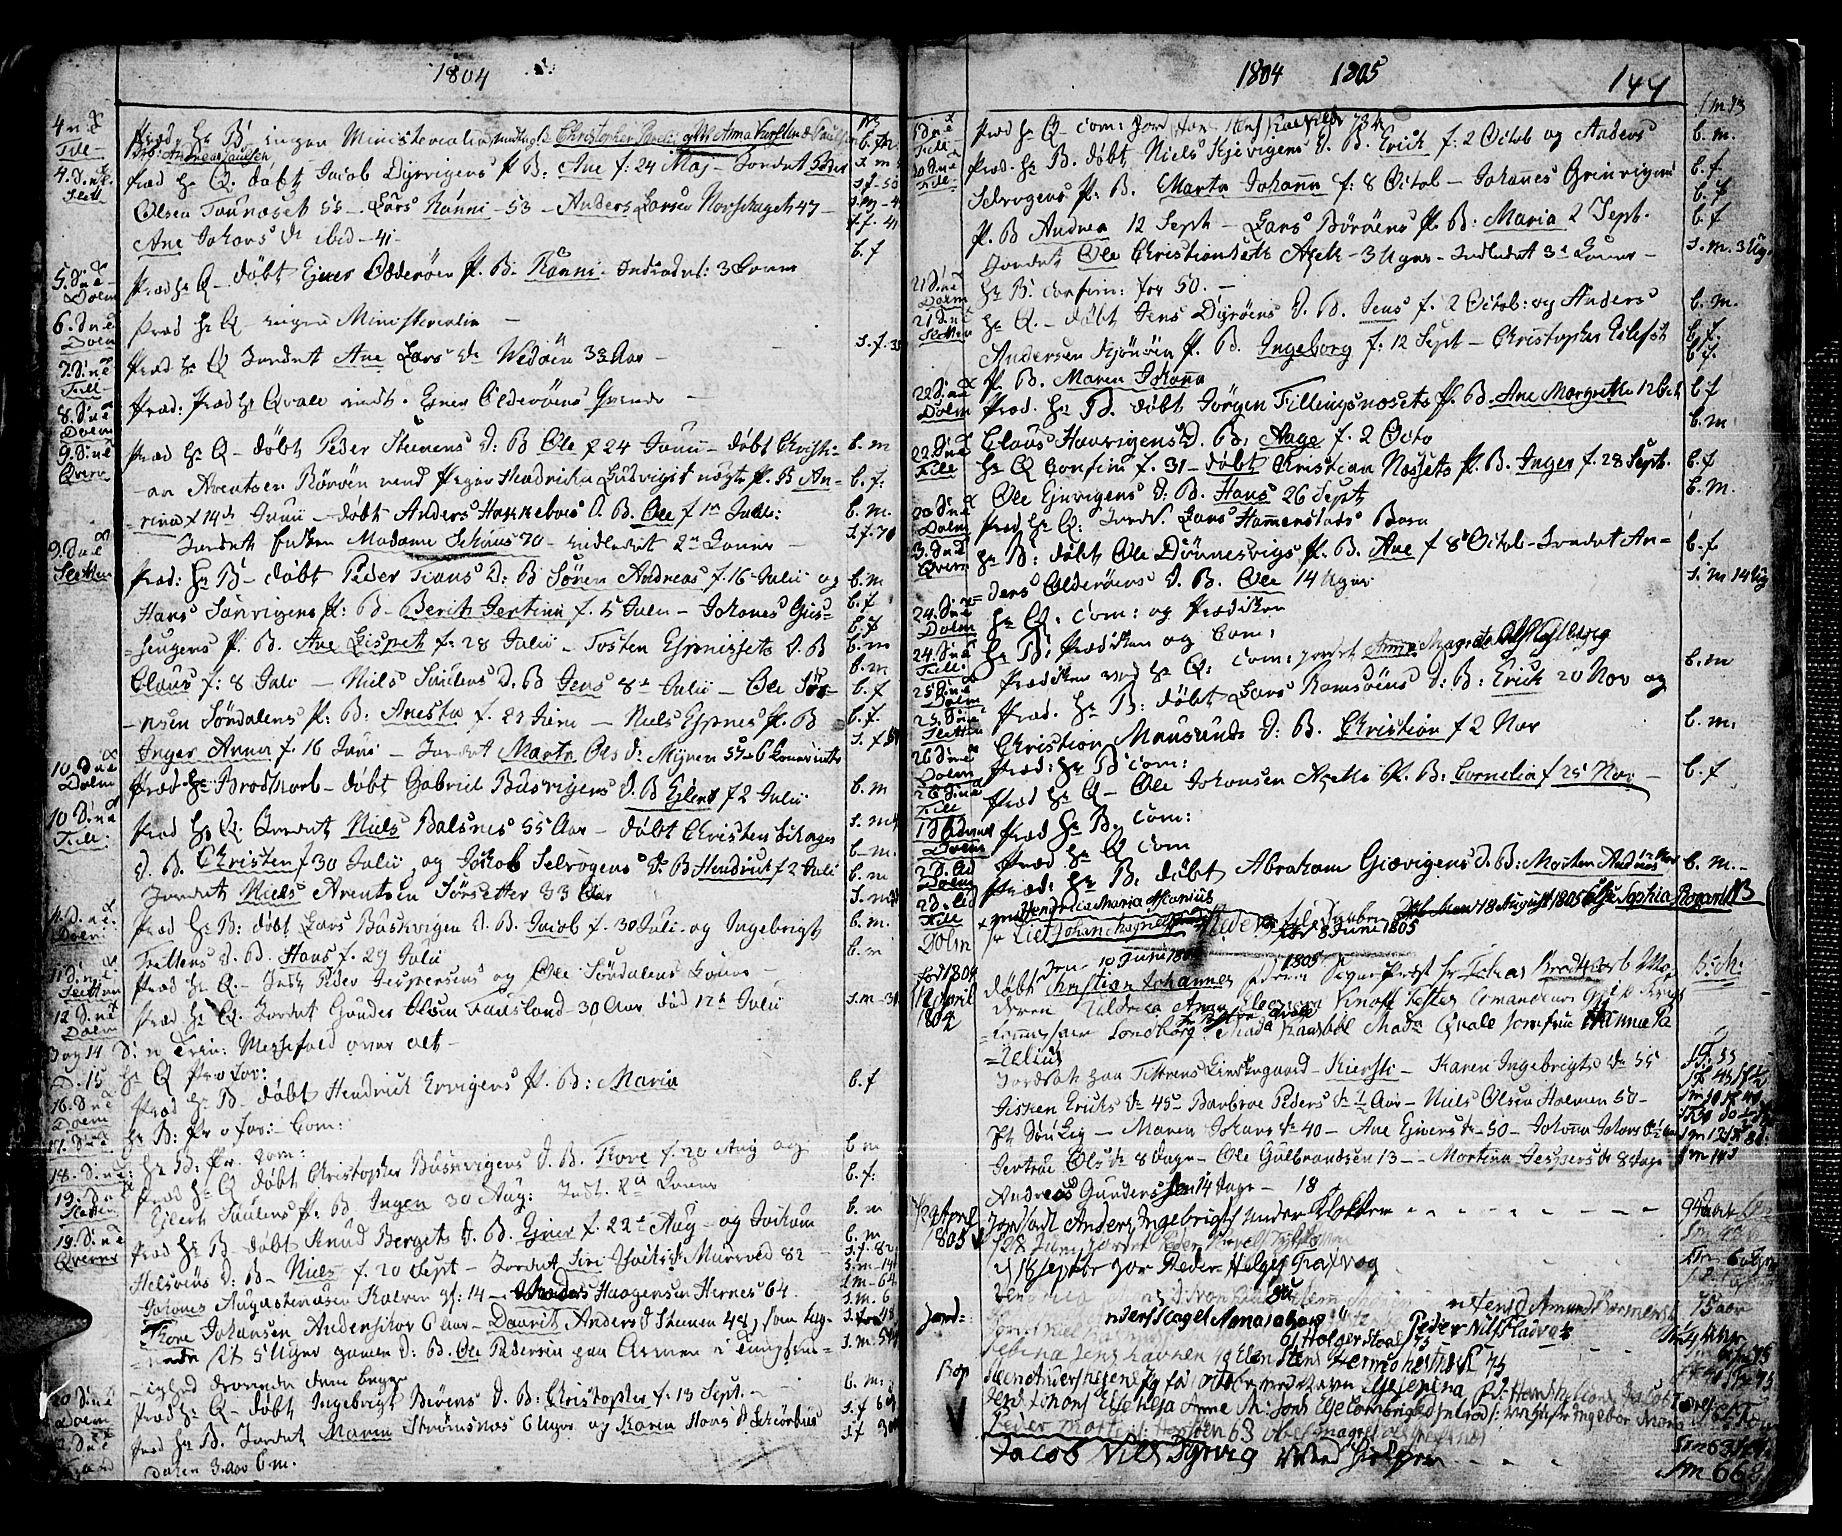 SAT, Ministerialprotokoller, klokkerbøker og fødselsregistre - Sør-Trøndelag, 634/L0526: Ministerialbok nr. 634A02, 1775-1818, s. 144